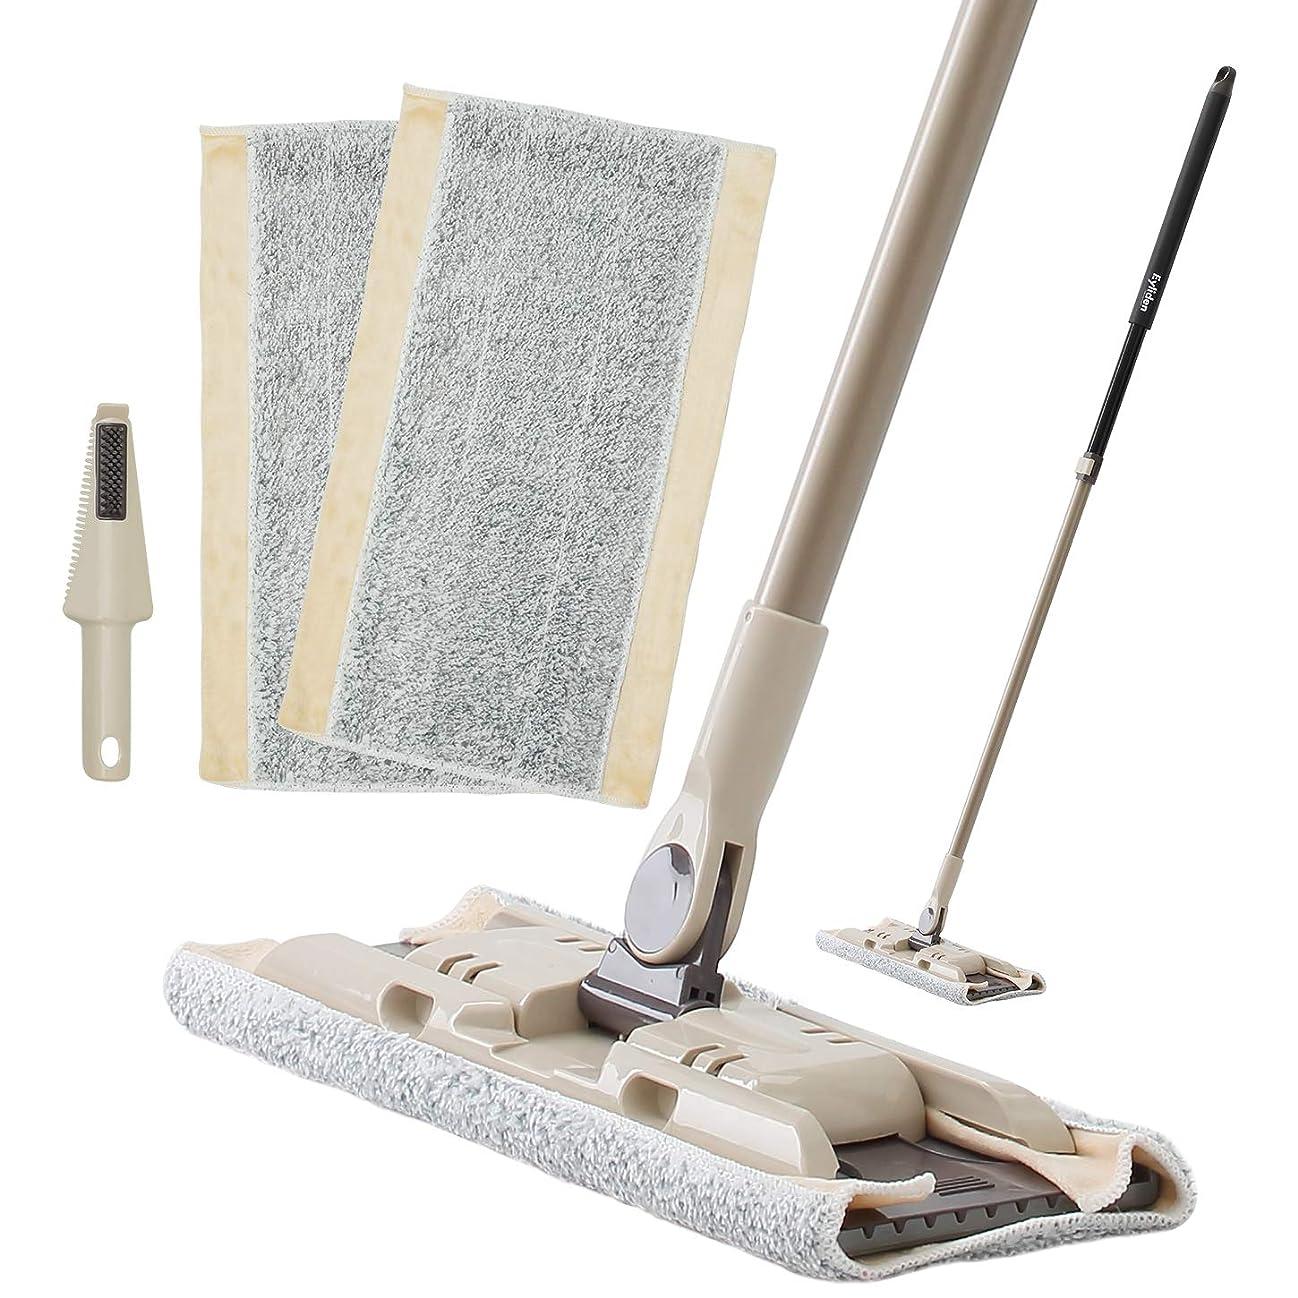 意外世界的に三番Eyliden. フロアモップ フローリング モップ 床 マイクロファイバー クロス 2枚付き 取替 ベーシック 掃除